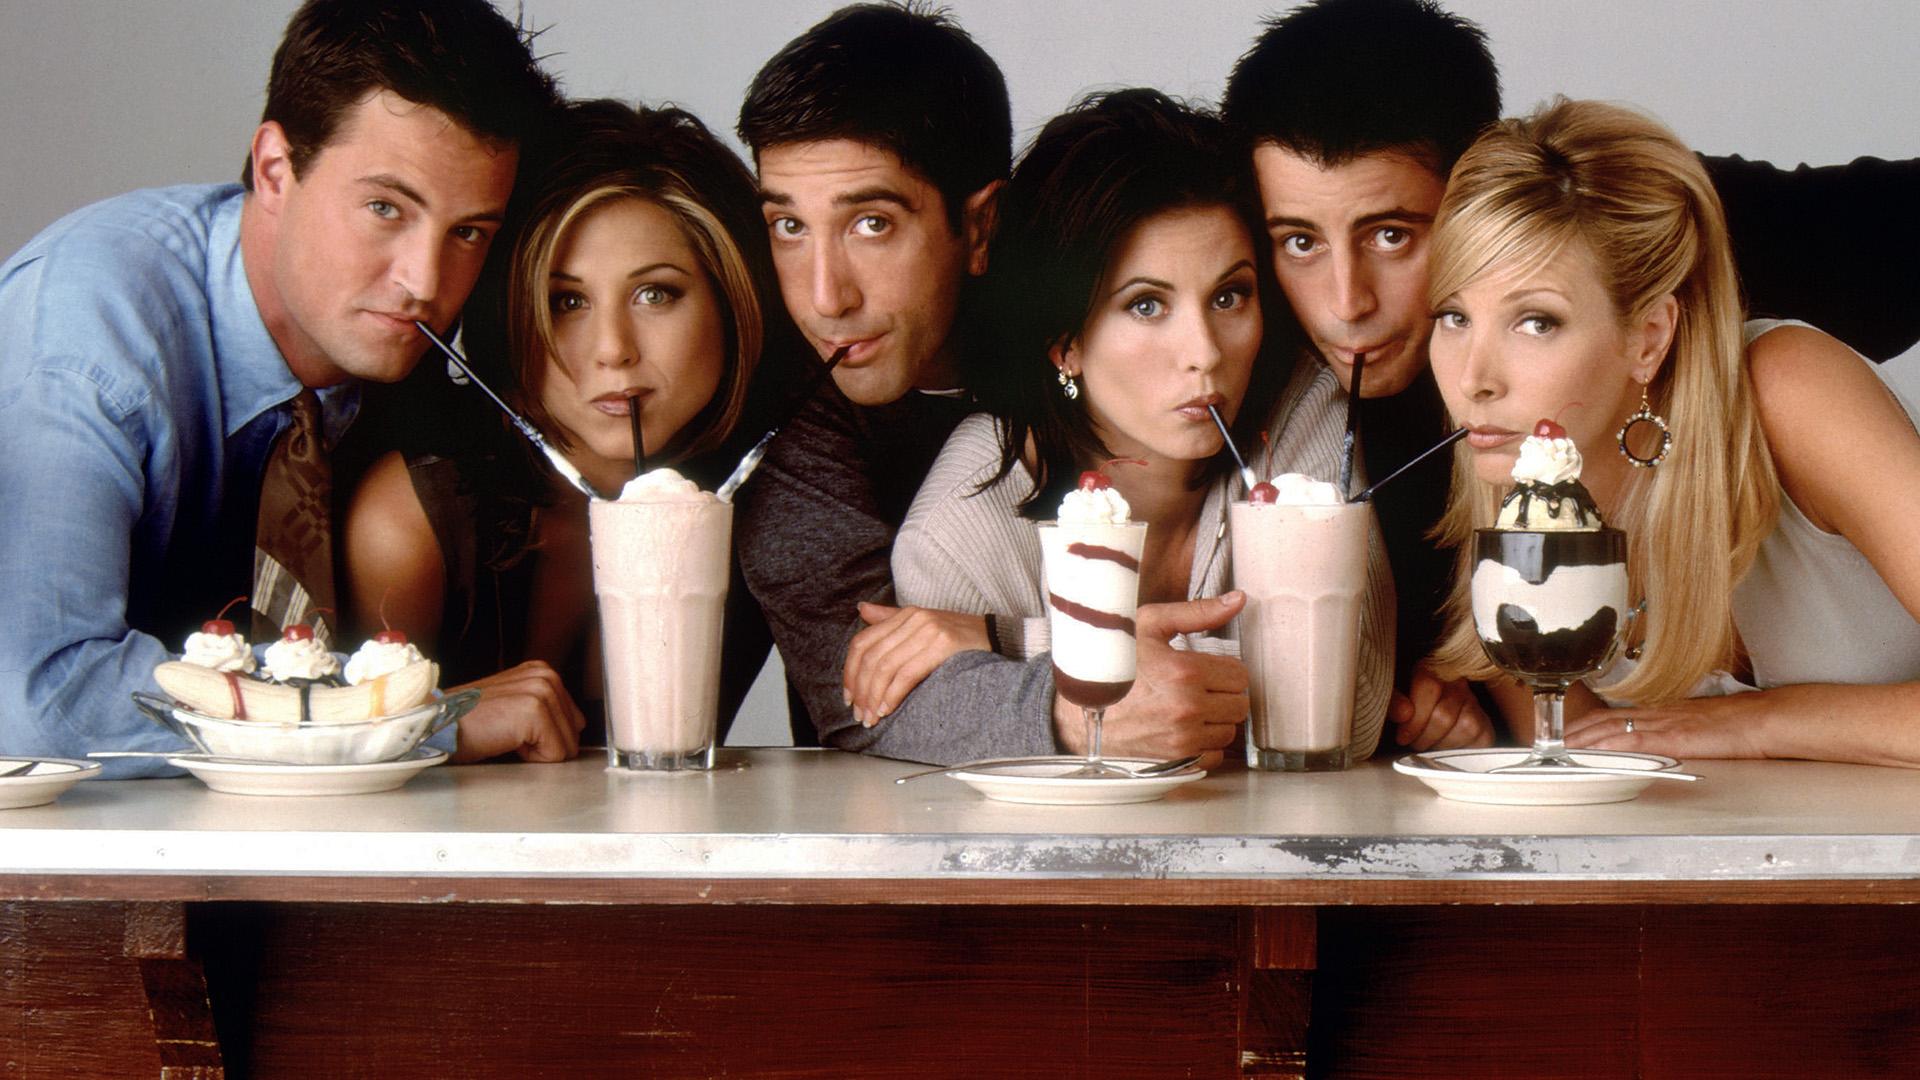 friends-serie-tv-anni-90-curiosando